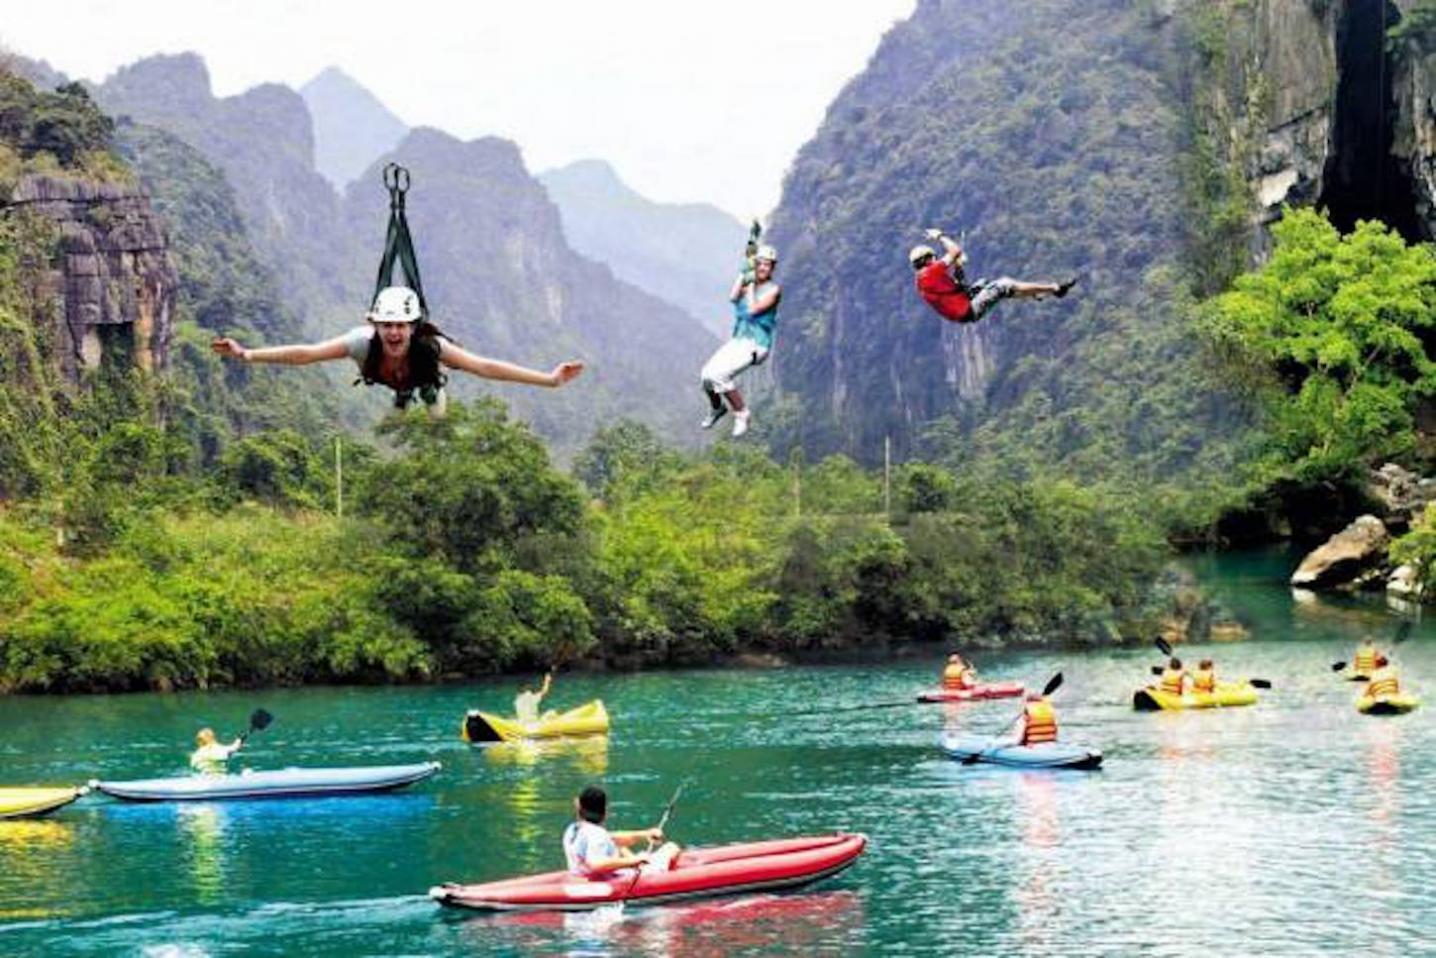 Vietnam Travel Guide   Things to do in Vietnam   Jetstar